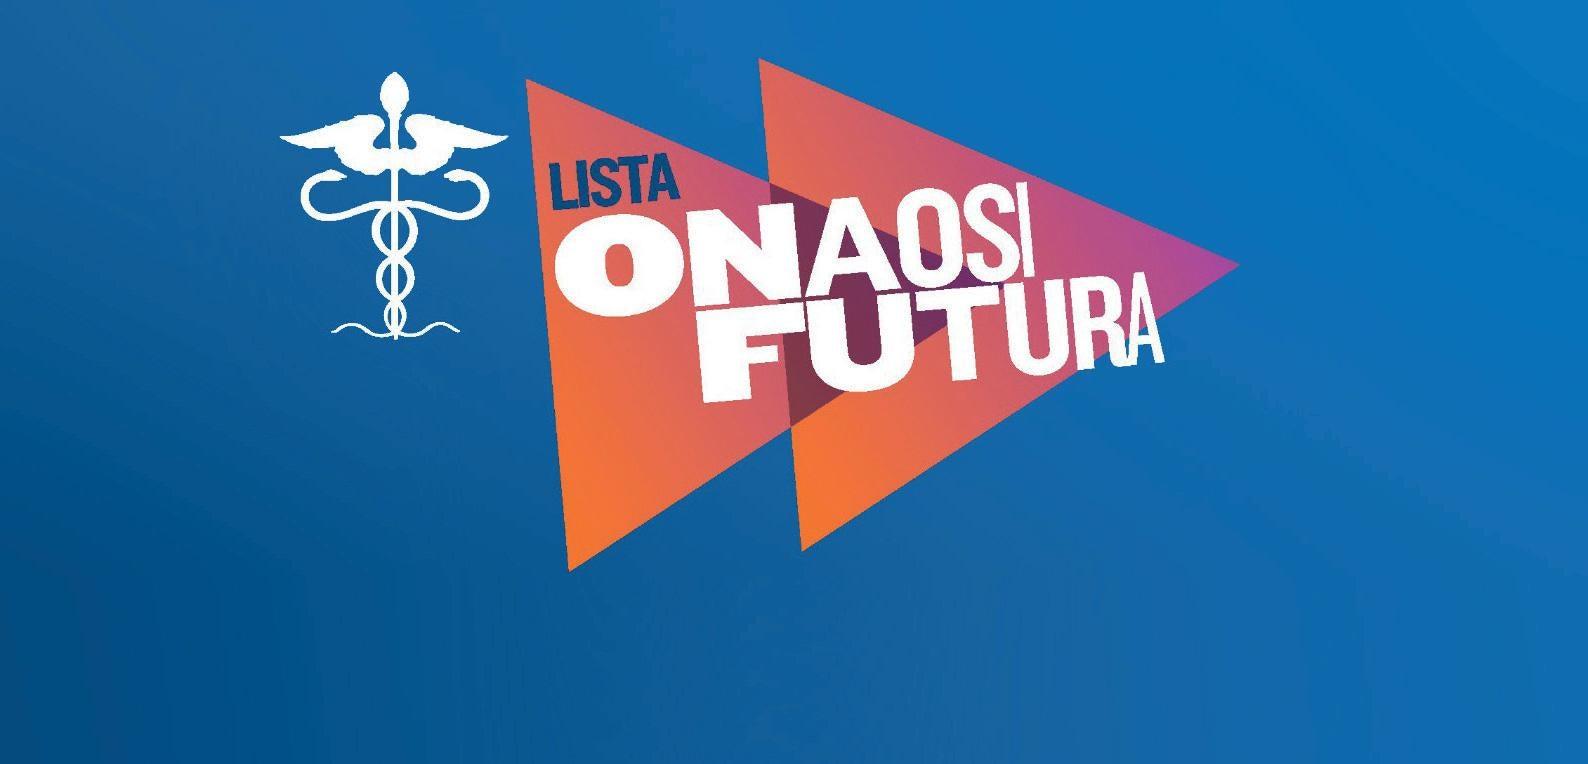 Page 8 of Elezioni ONAOSI Il Programma e la Lista n. 1 ONAOSI Futura